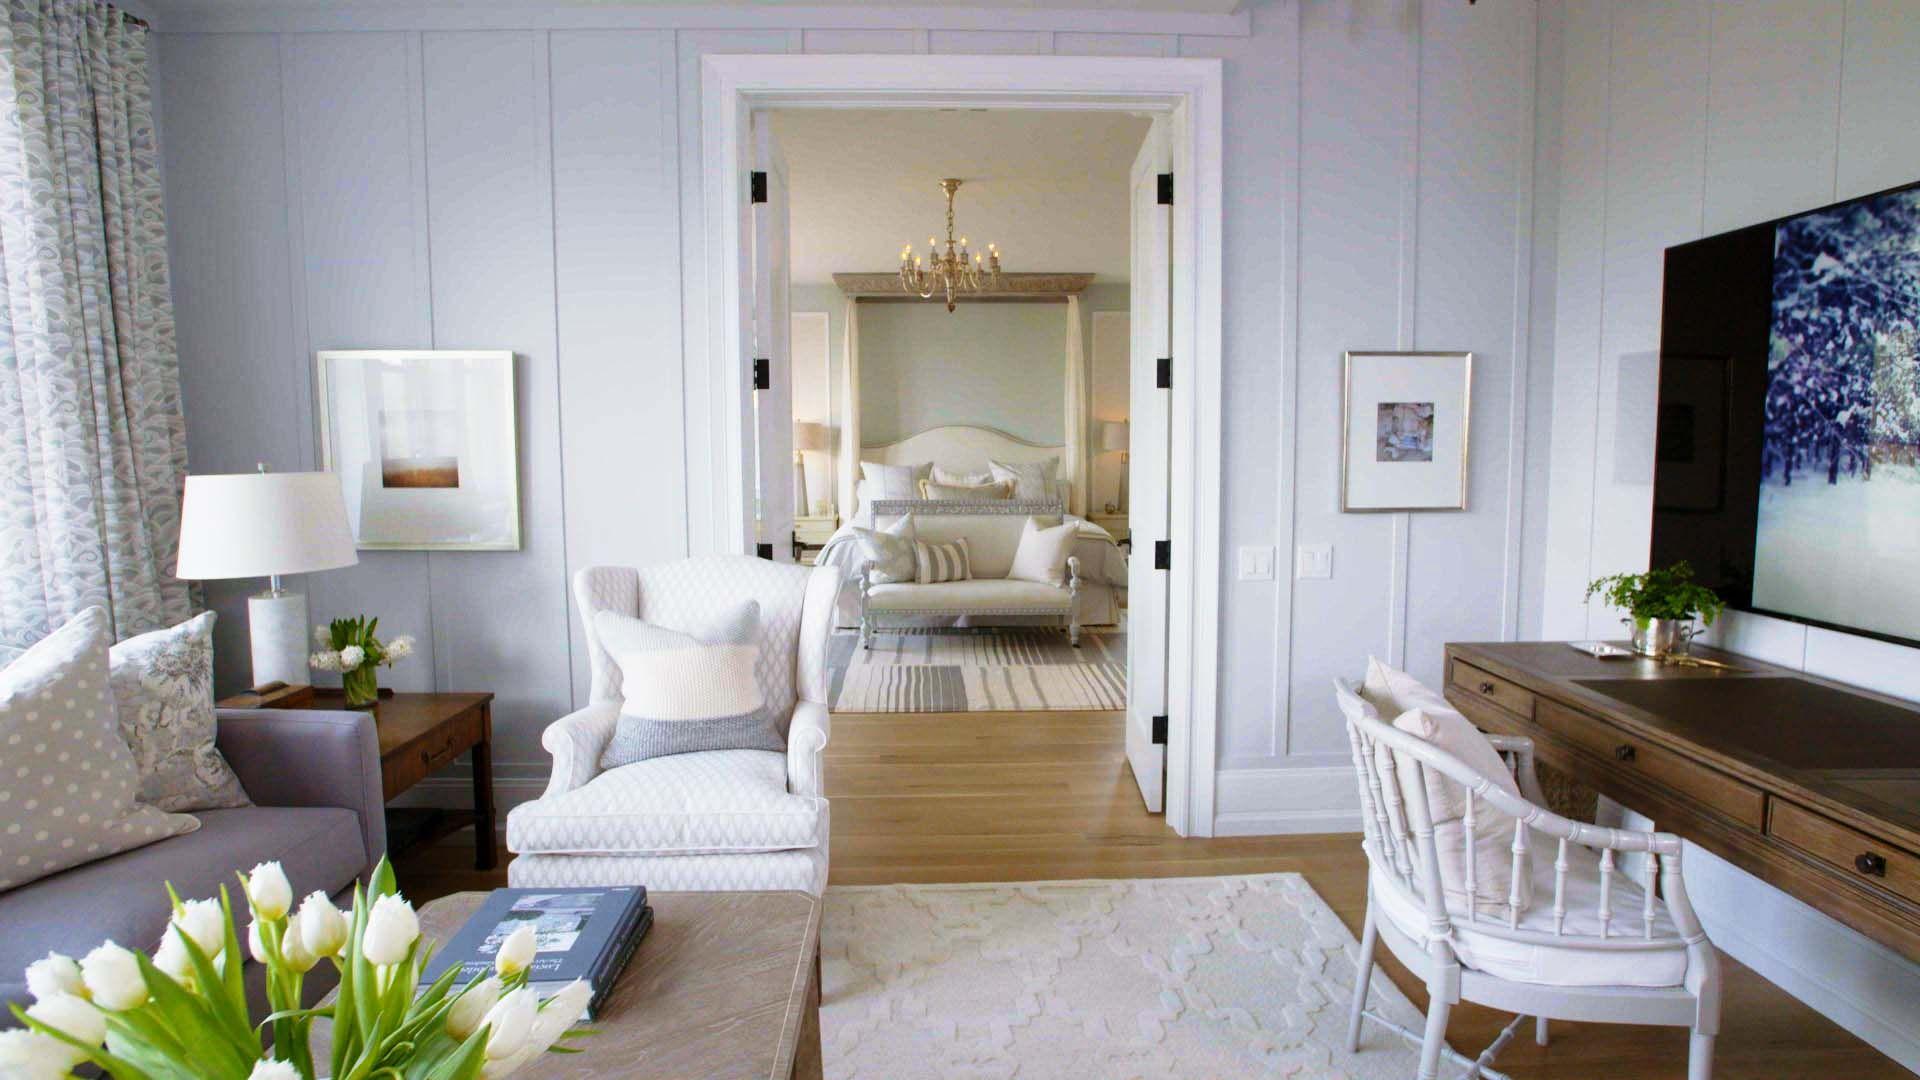 11 White Kitchen Design Ideas Adding Warmth | Pinterest | Walls ...